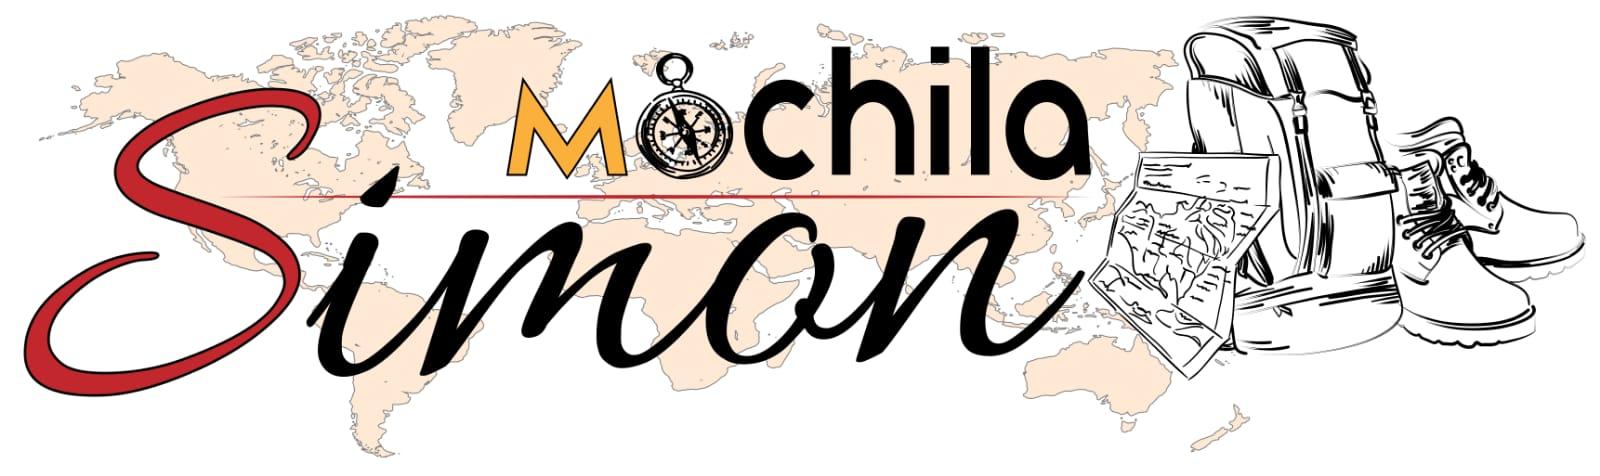 Mochila Simon